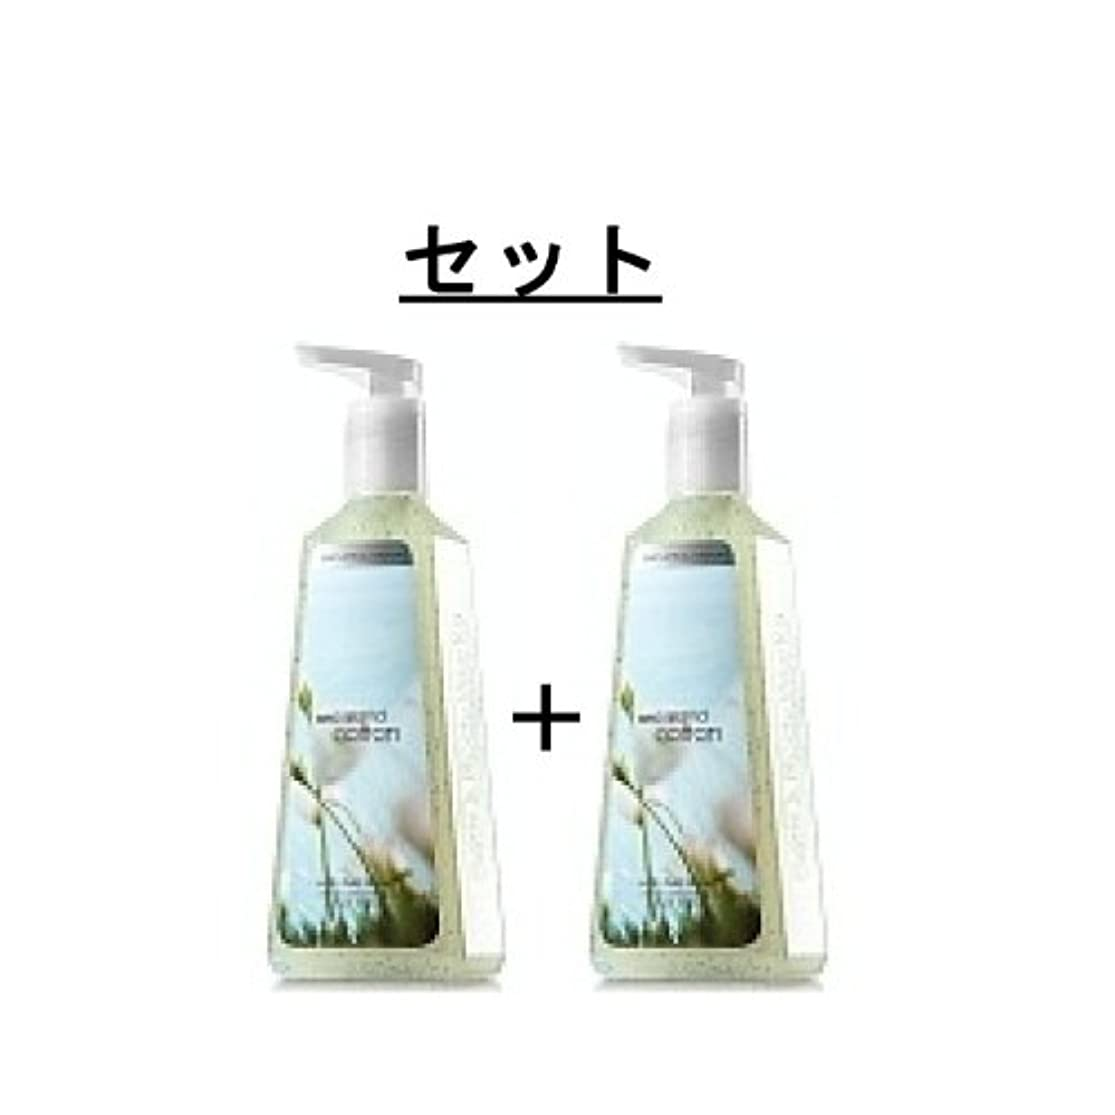 ぼかし長老不機嫌そうなBath & Body Works Sea Island Cotton Antibacterial Deep Cleansing Hand Soap Set of 2 シーアイランドコットン【並行輸入品】